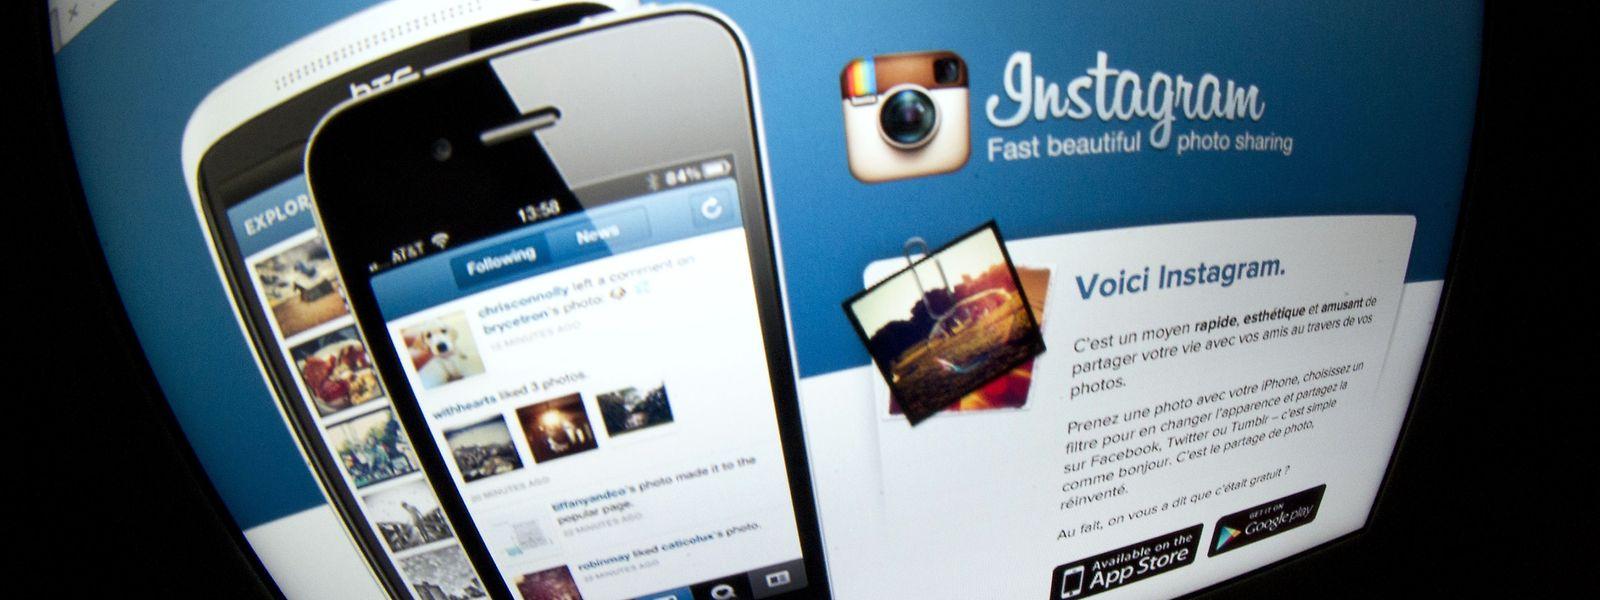 Petite ou grande: toute entreprise devrait soigner sa présence sur les médias sociaux.